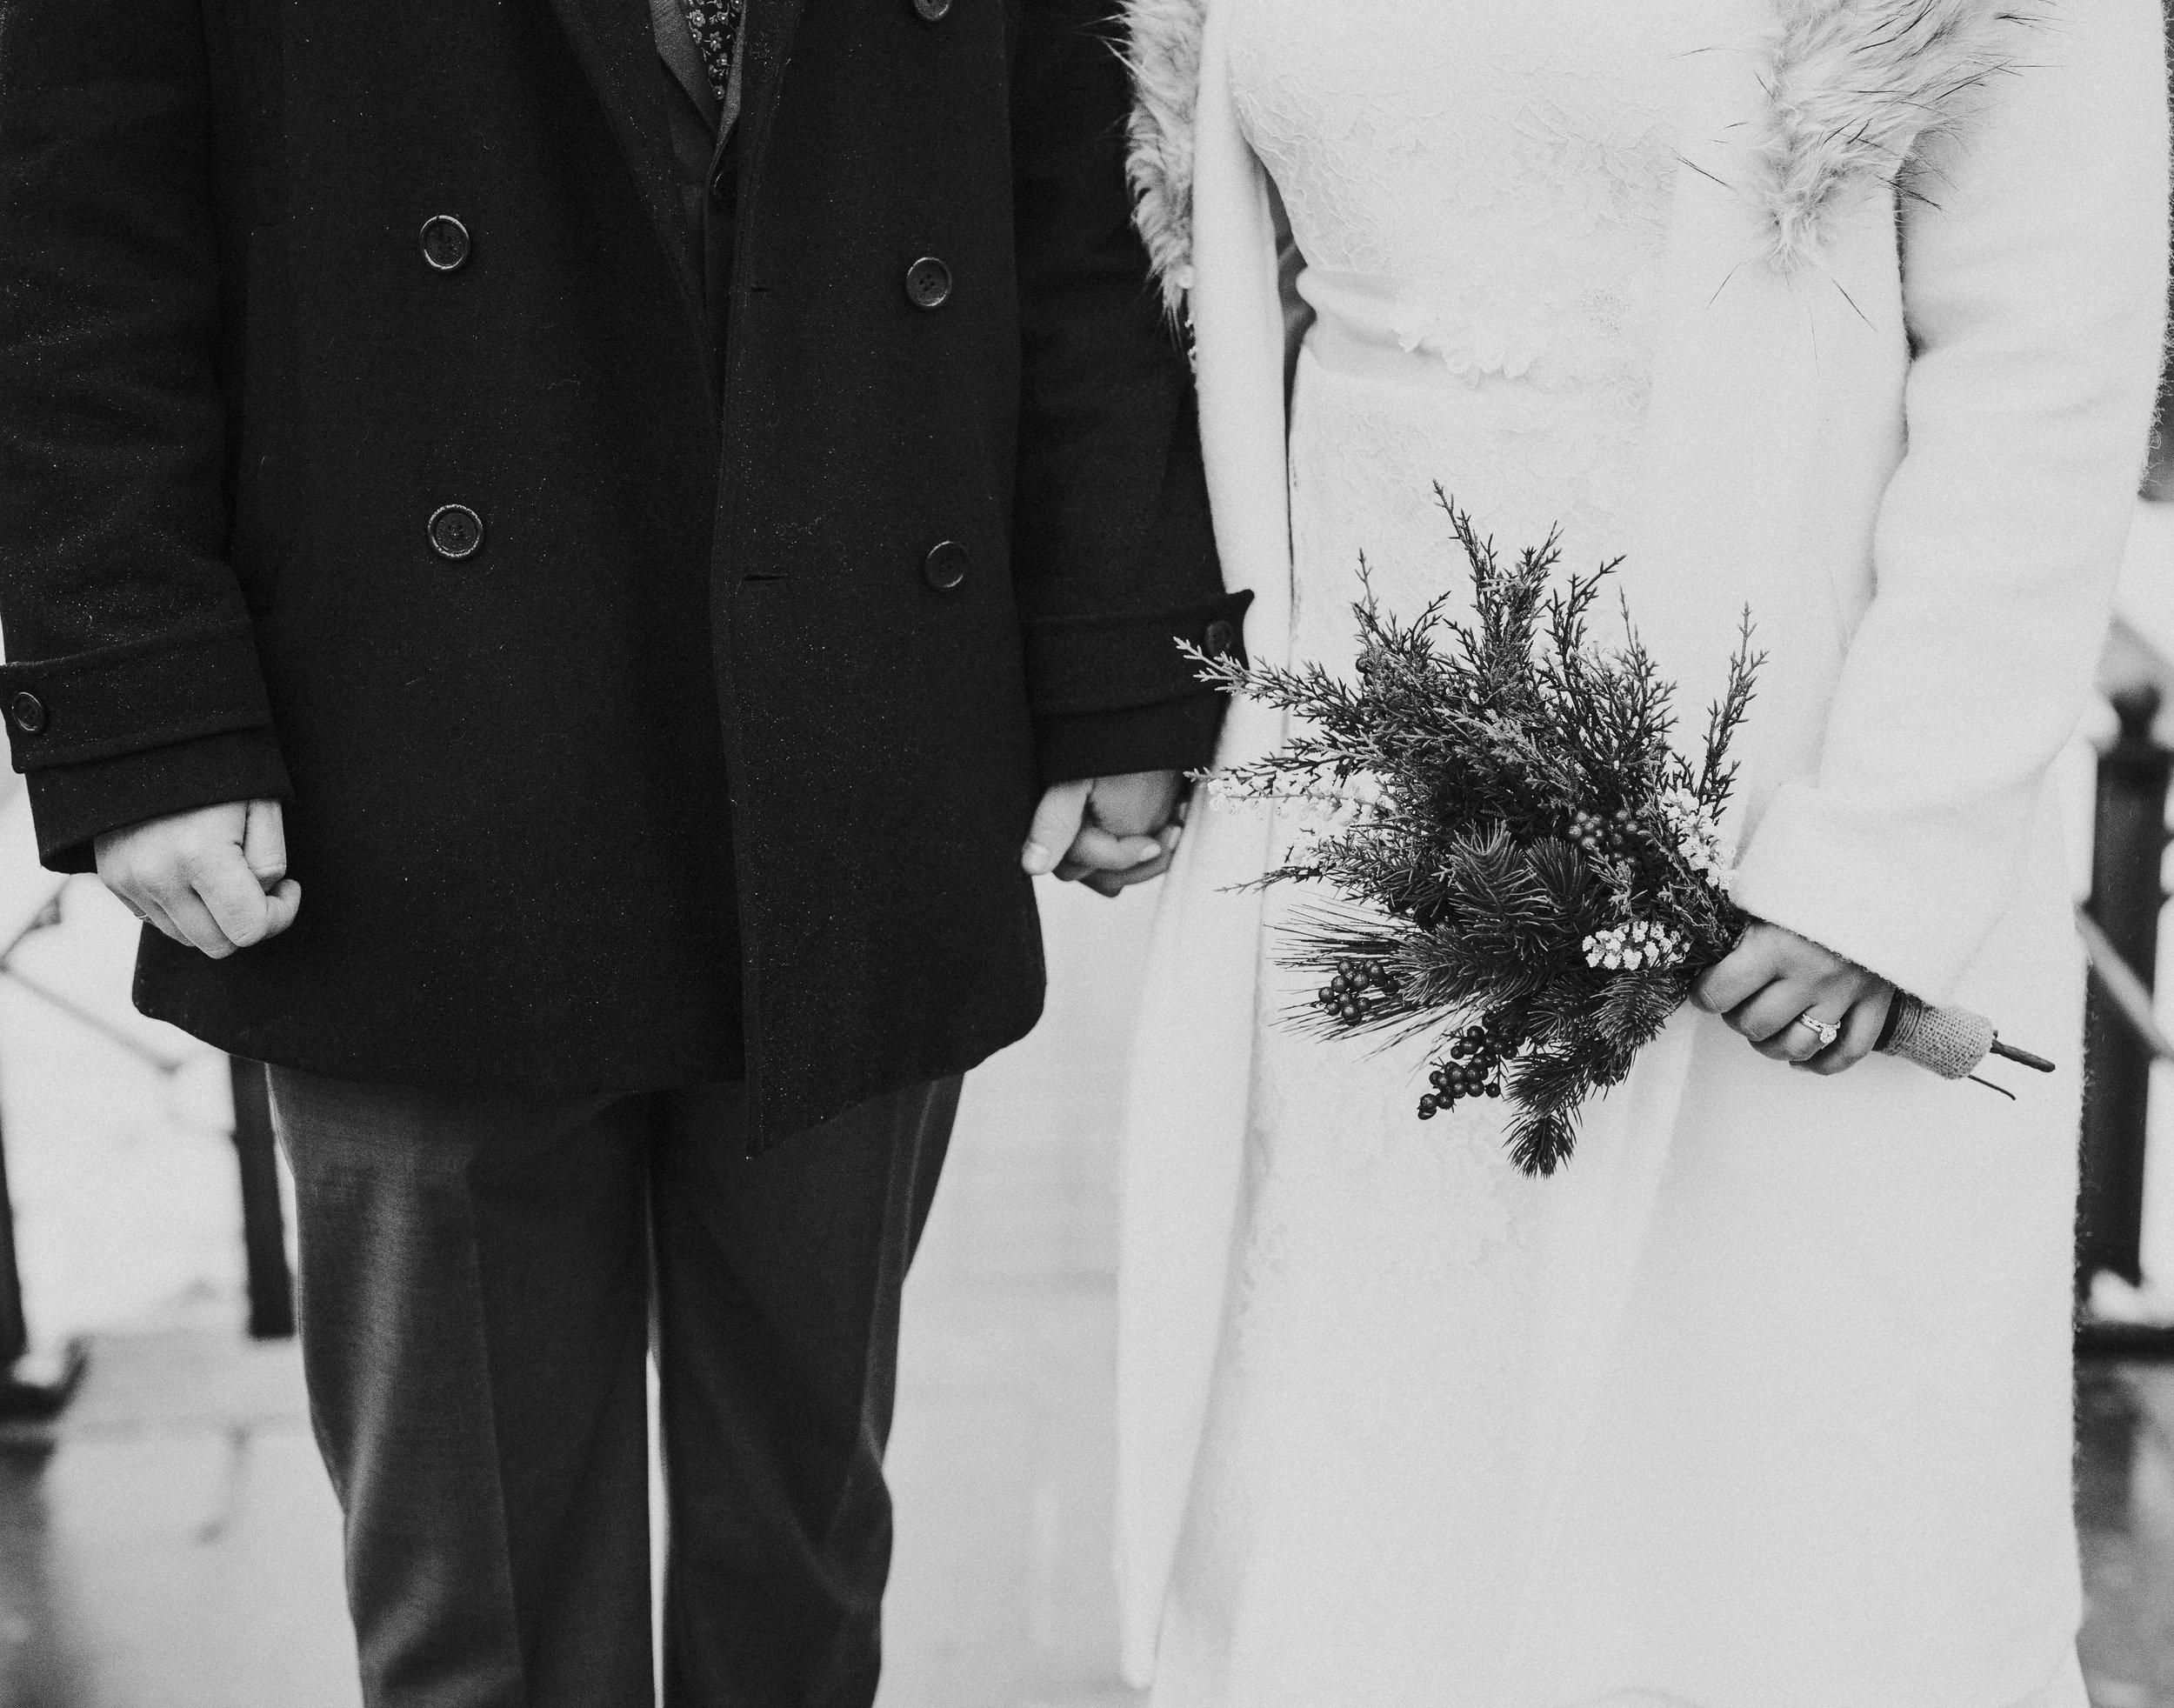 001_Bride + Groom Portraits-050.jpg